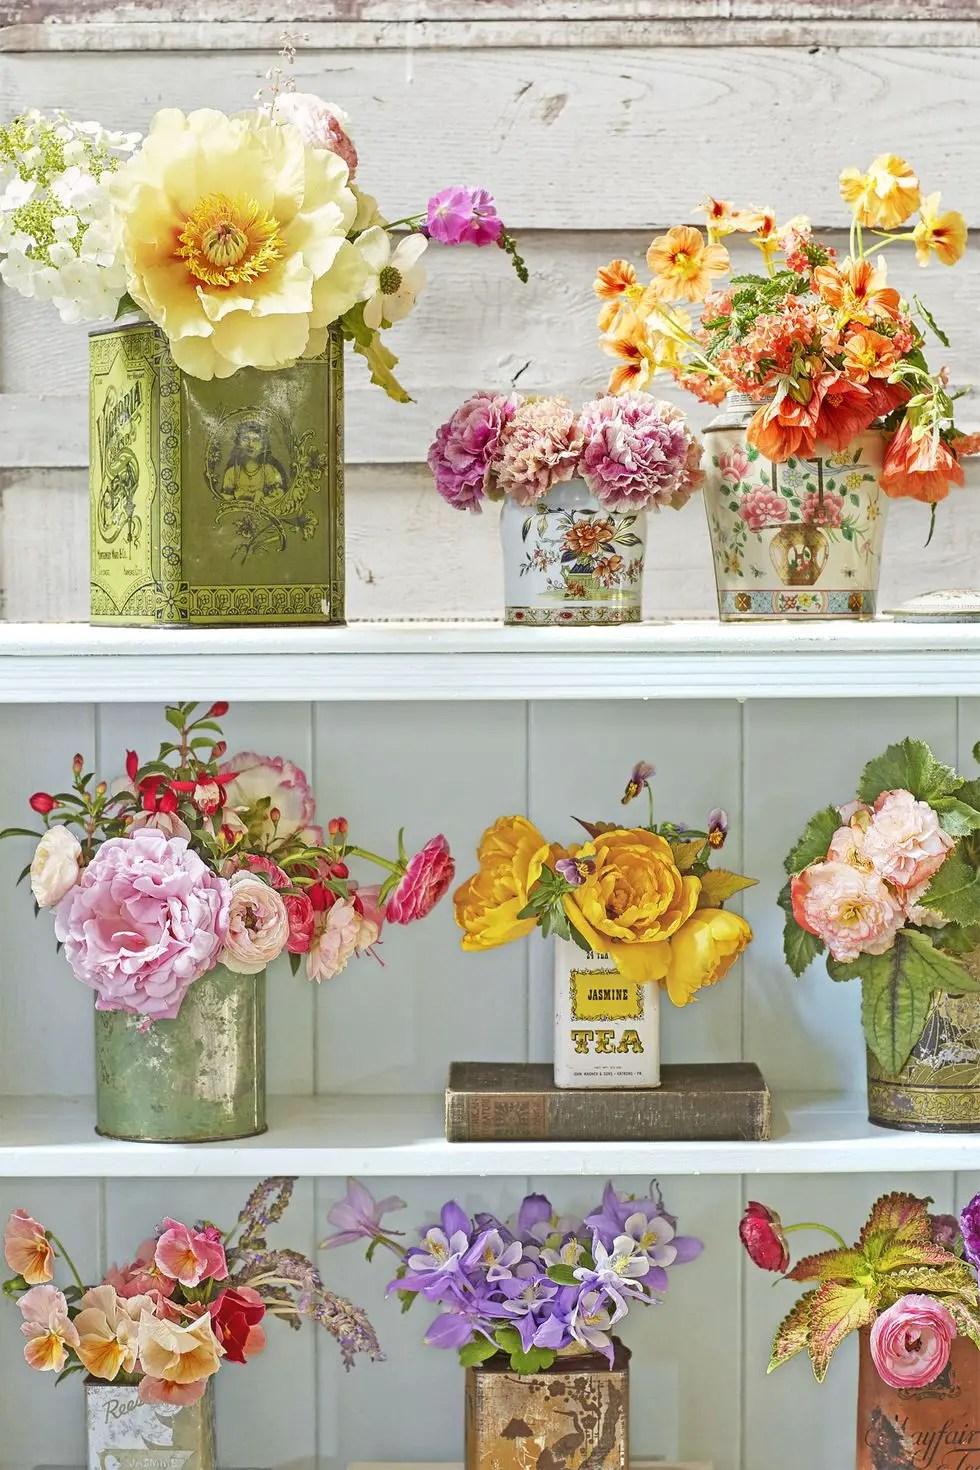 Vintage canister flower arrangements